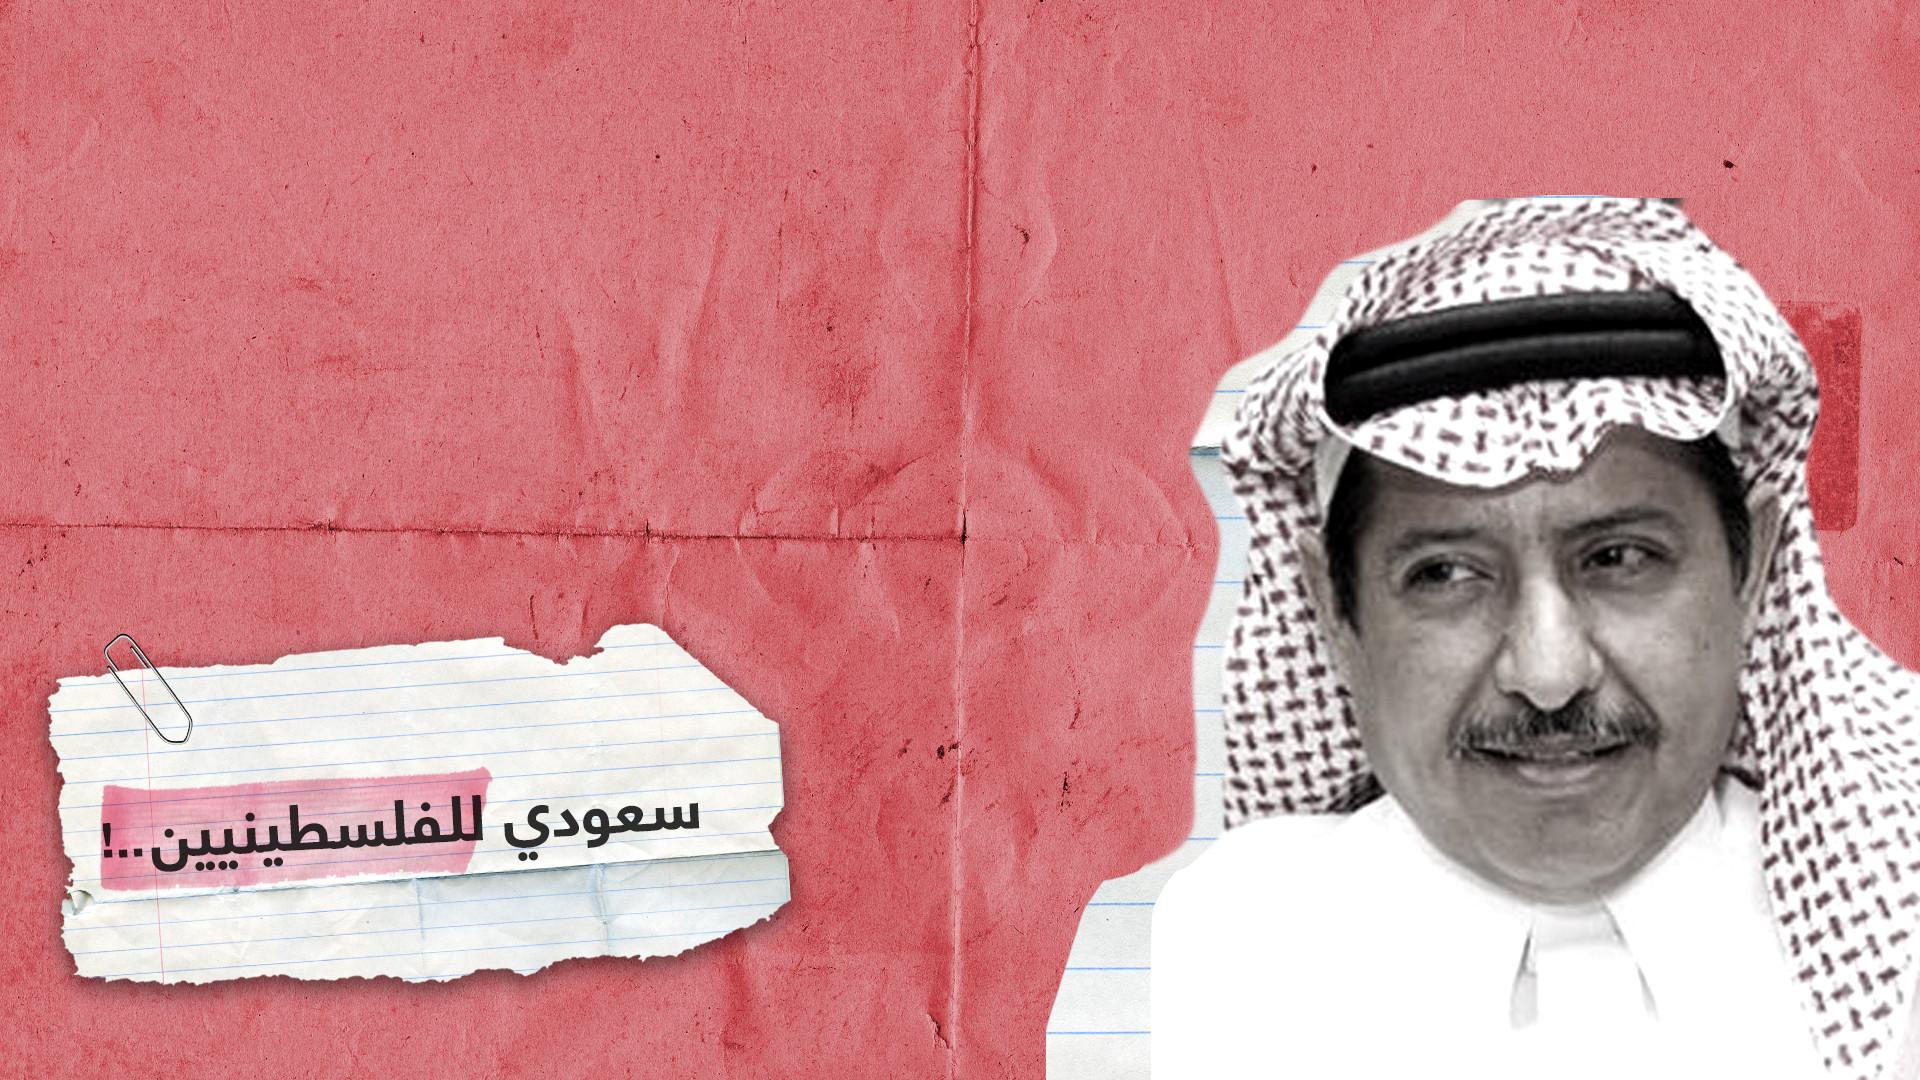 غضب كبير من كاتب سعودي هاجم فلسطينيين بأوصاف مسيئة